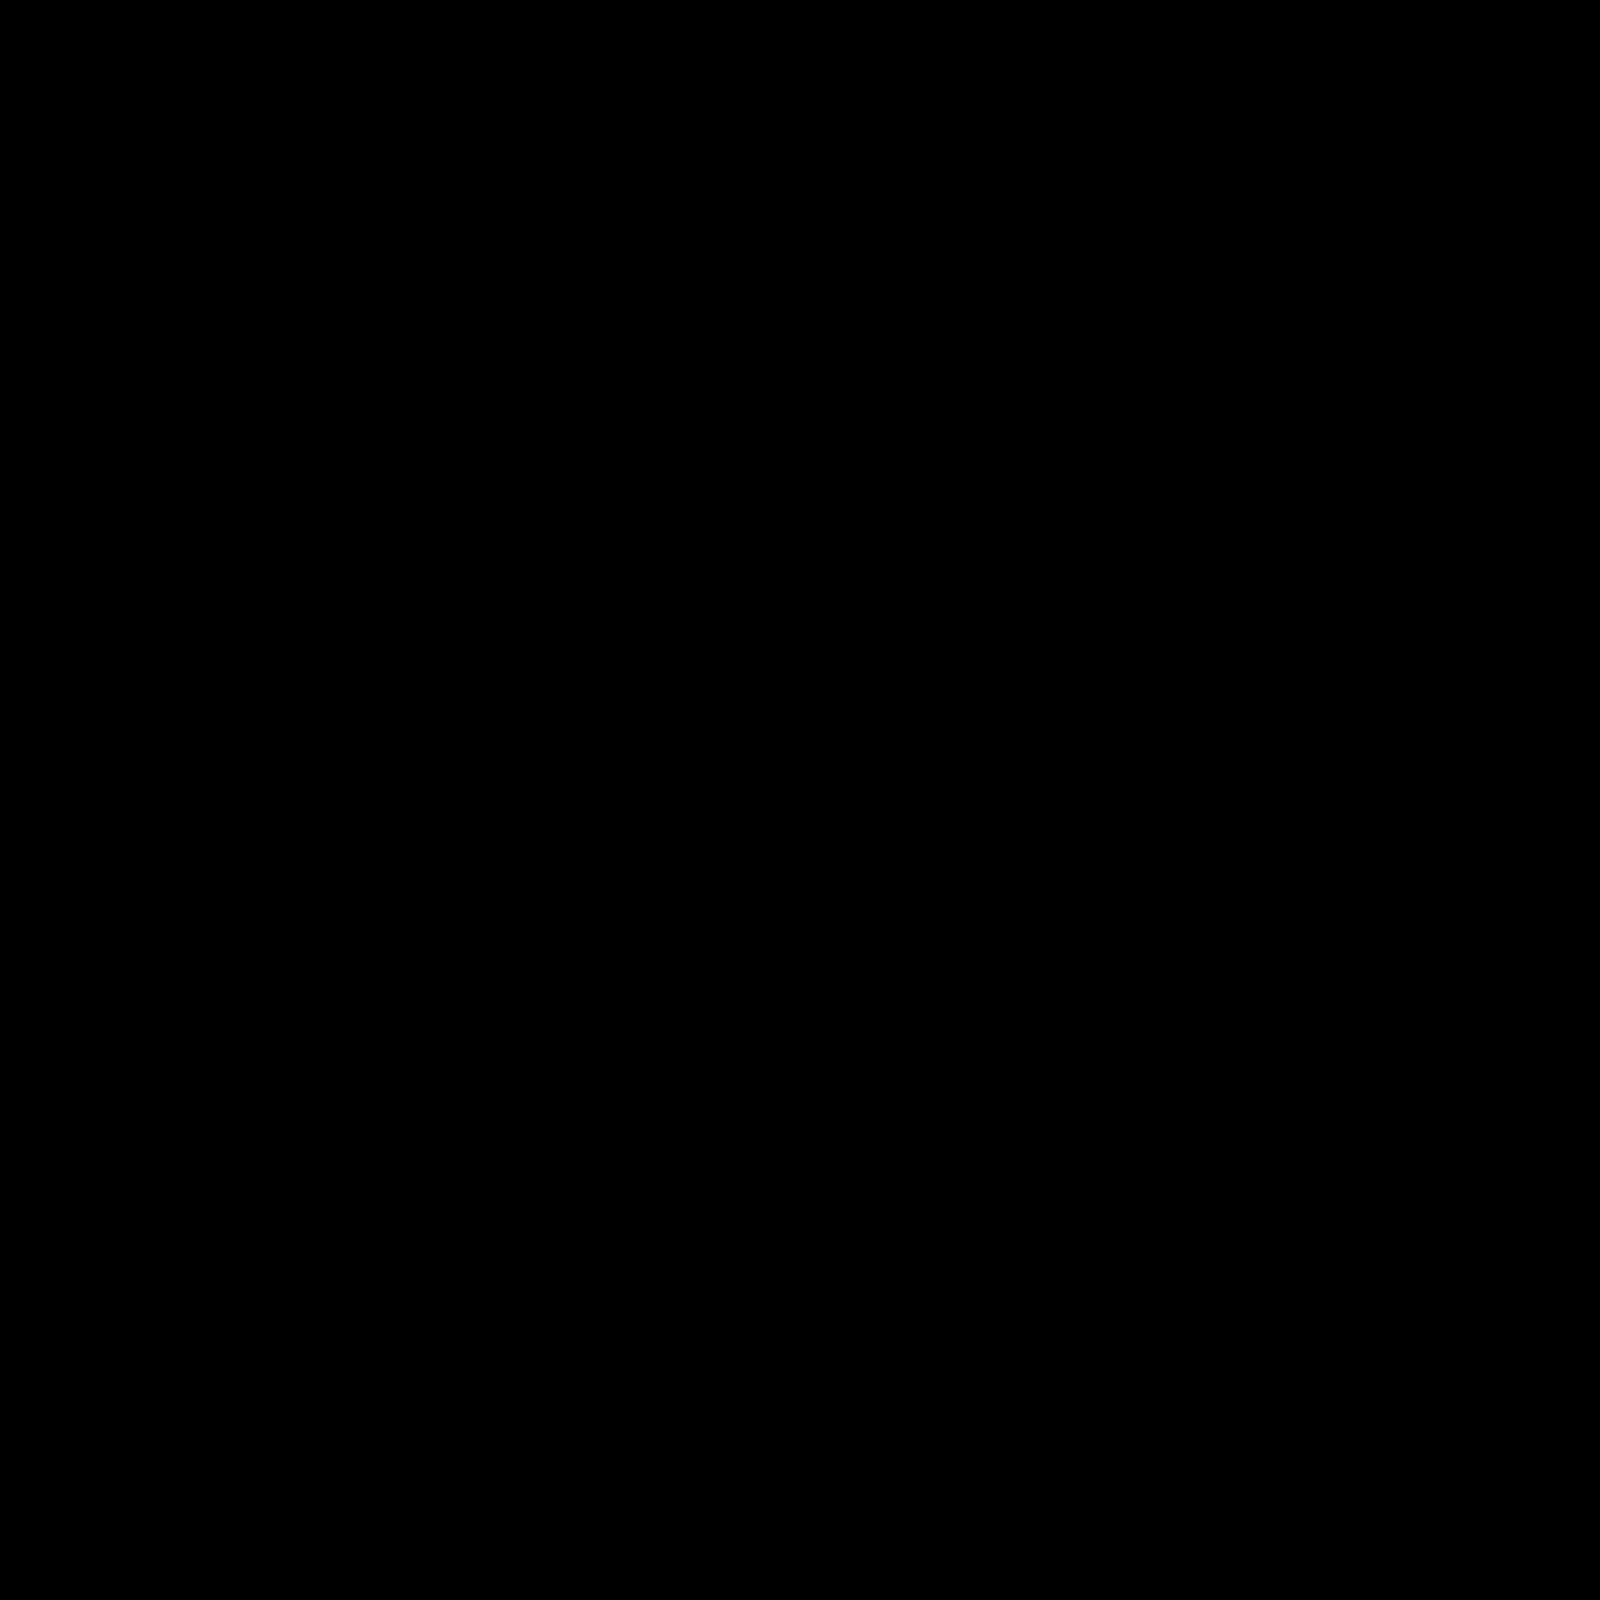 Ausmalbild Mandala Eule Einzigartig Malvorlagen Für Erwachsene Fotos